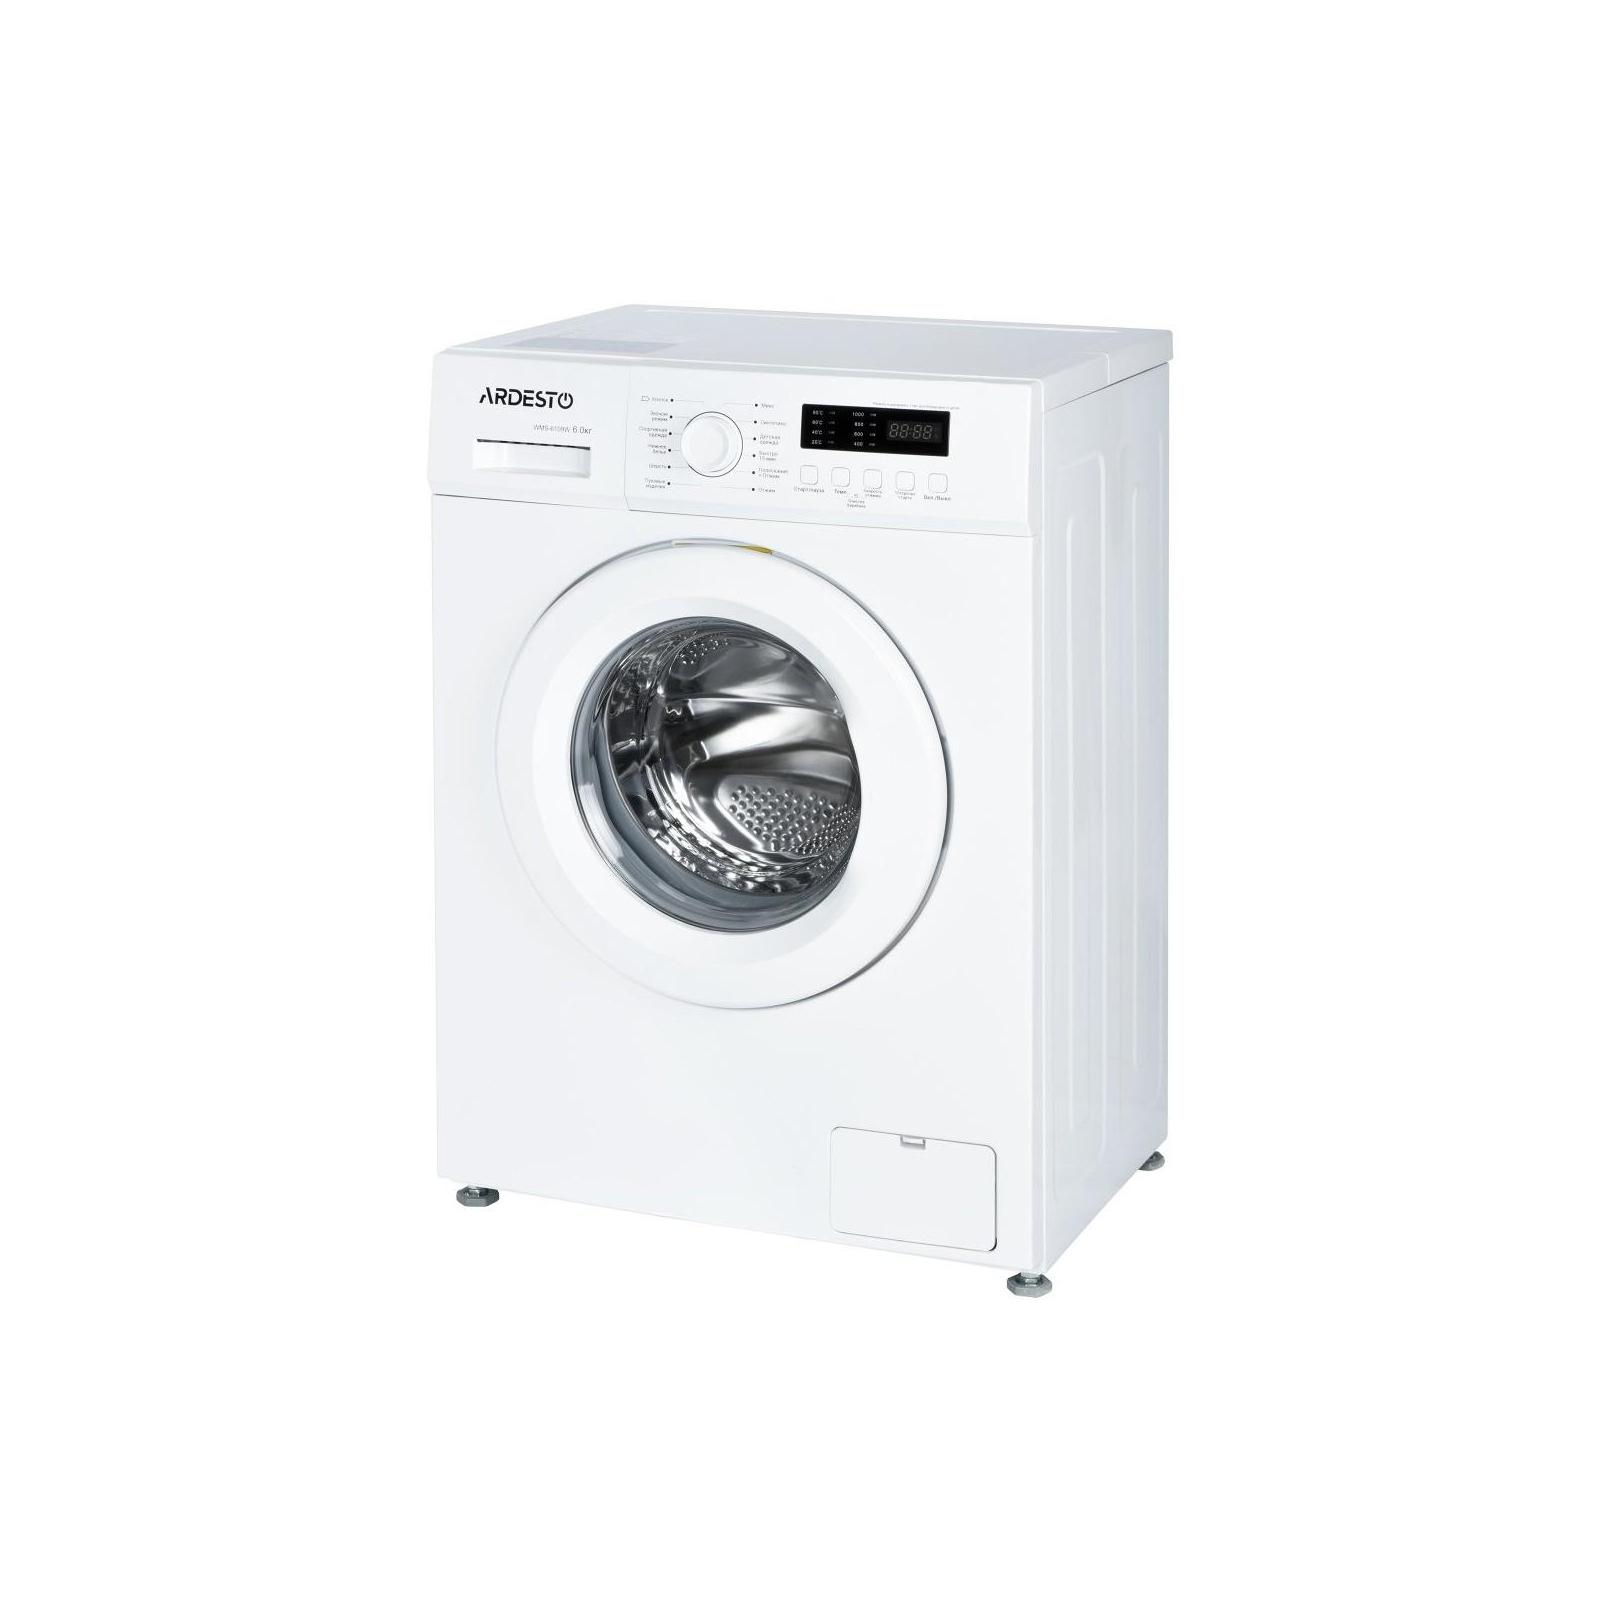 Стиральная машина Ardesto WMS-6109W изображение 3